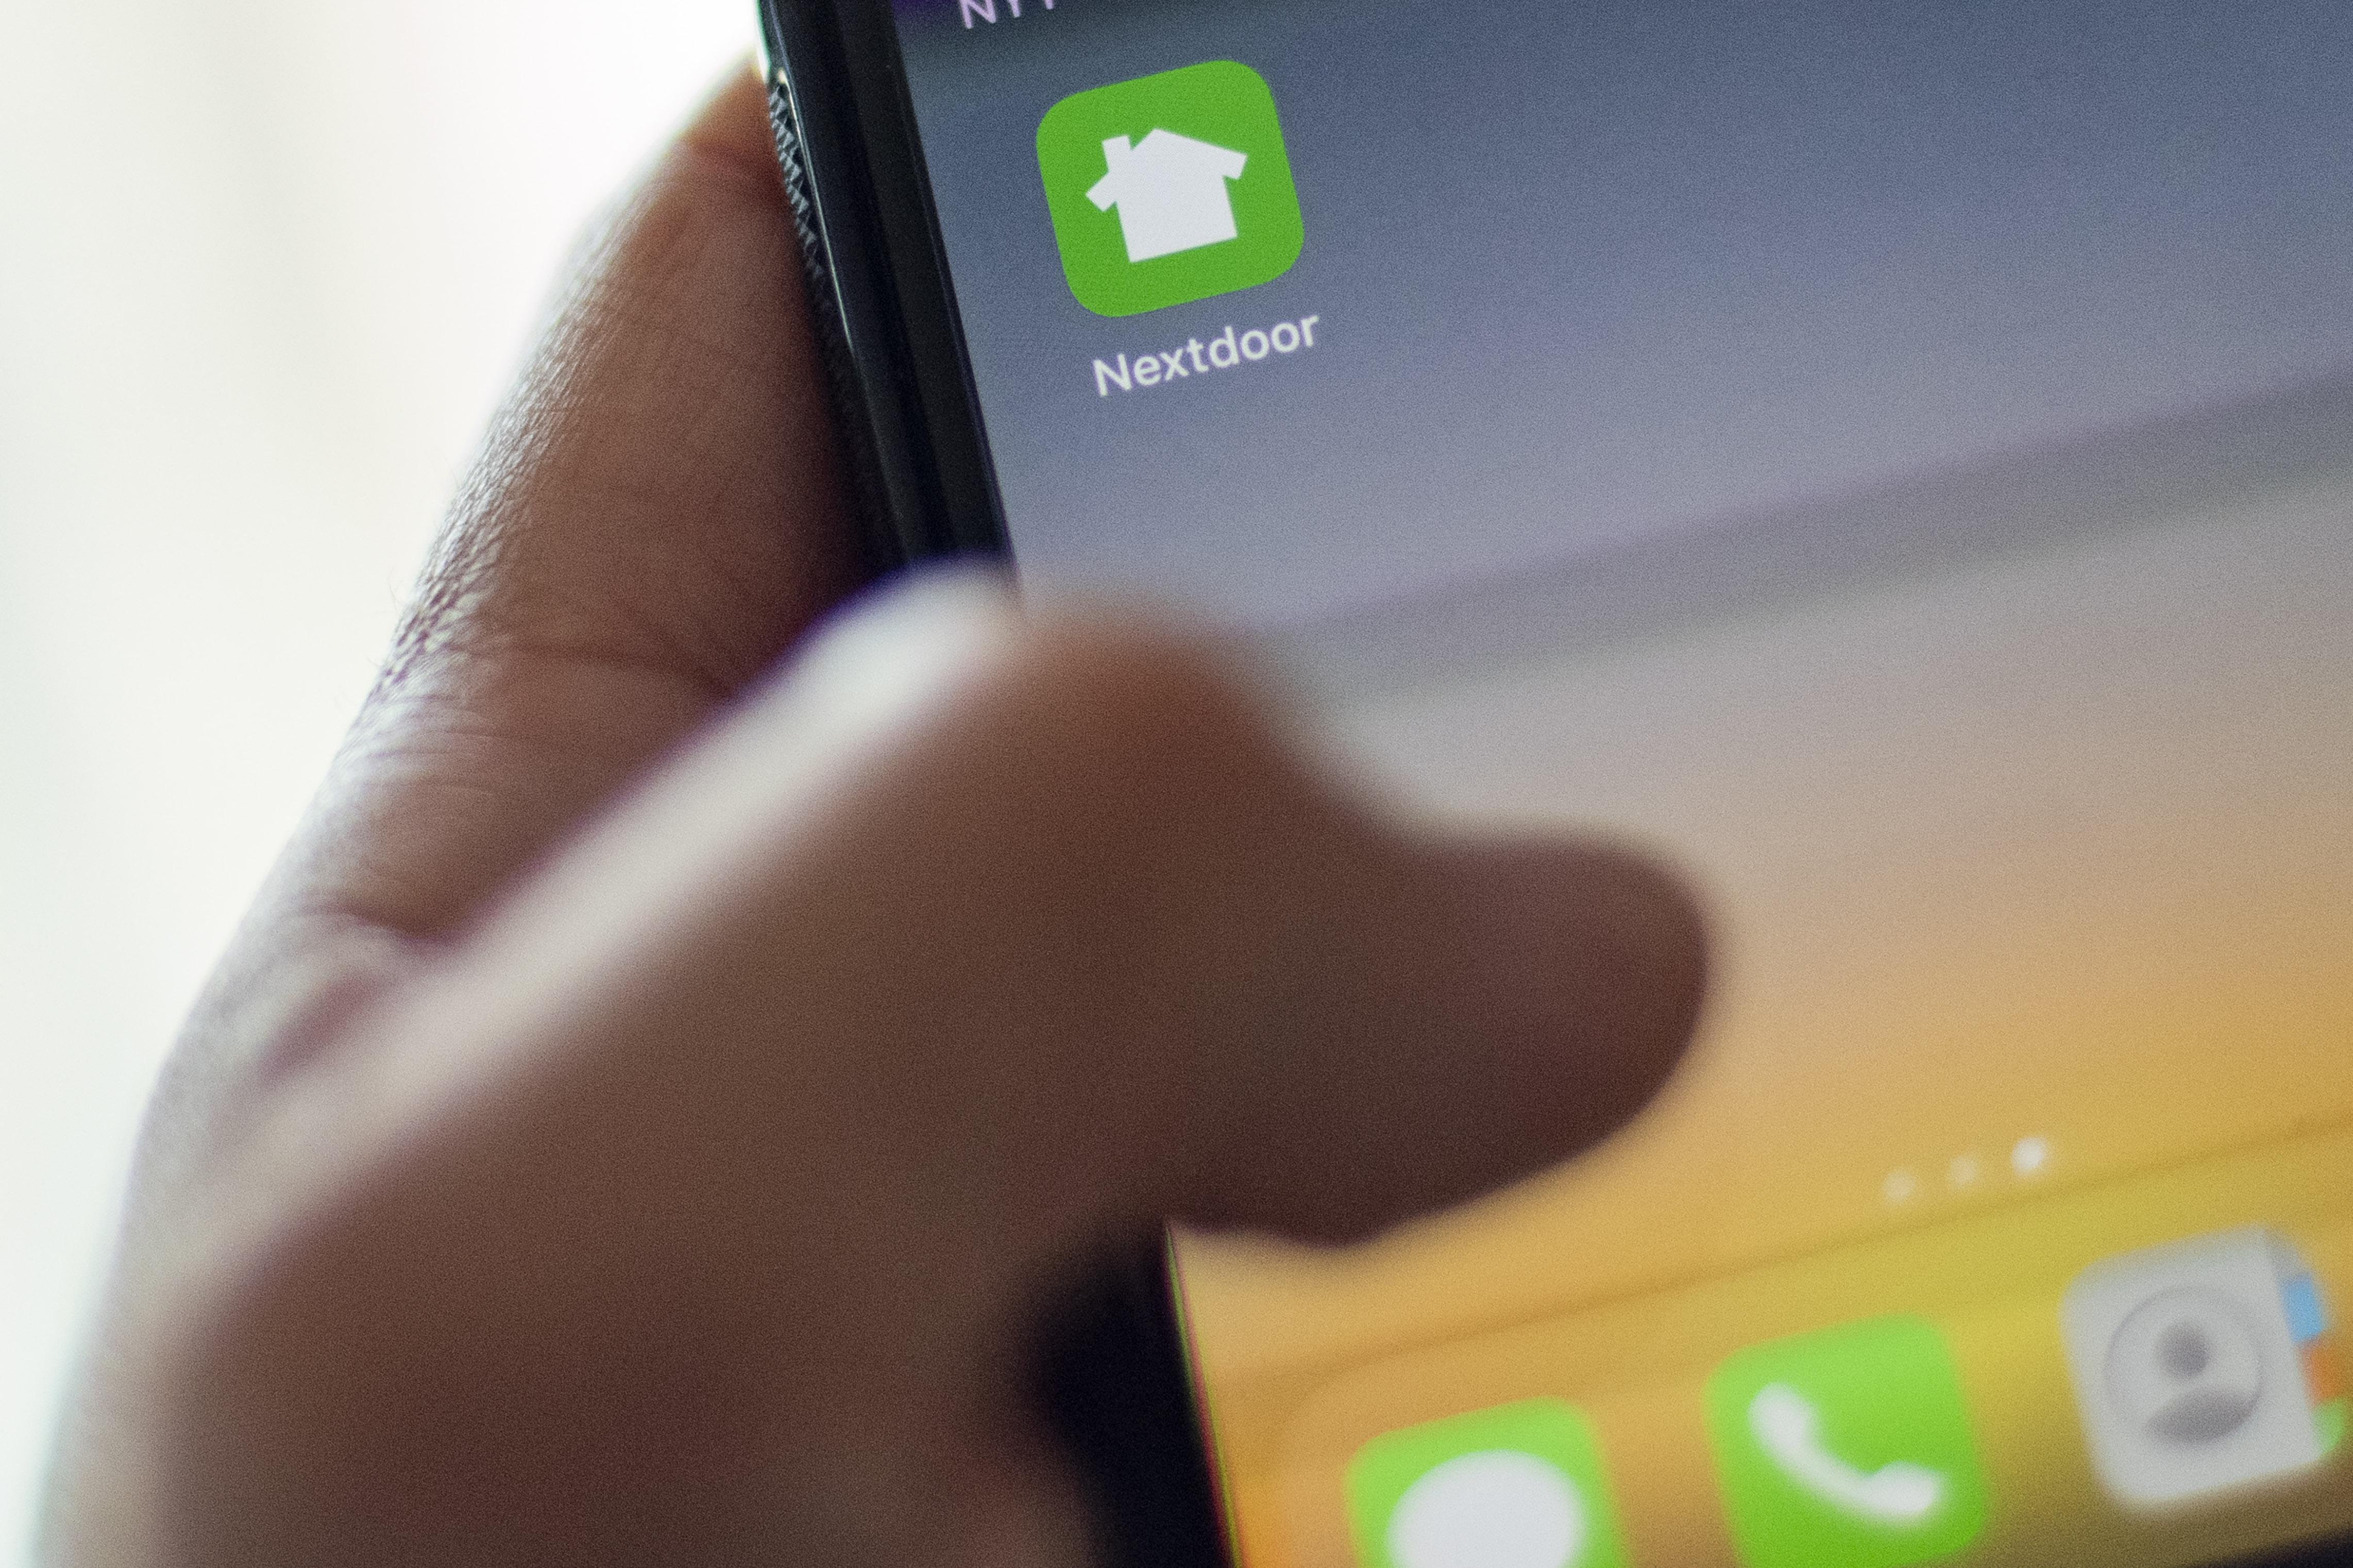 Nextdoor app default pic